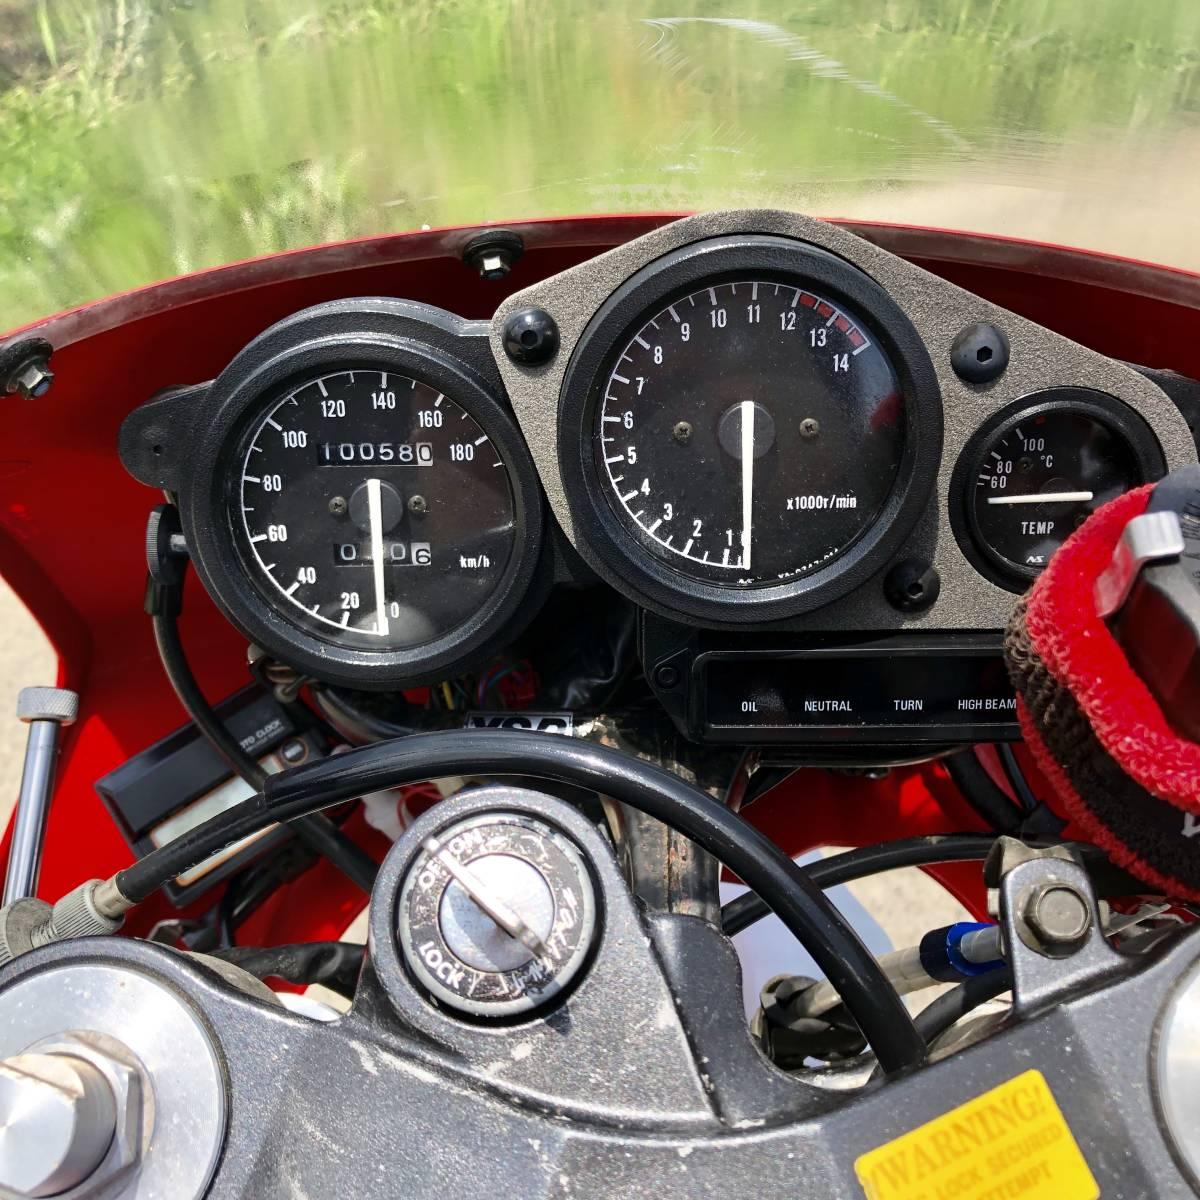 ヤマハTZR250R 3XV 美車 好調 車番600番台 書付き 売り切り1991年 低走行 ホンダスズキカワサキ検)NS TZ RG MVX VT FZR CBR R1Z KR SDR_画像2